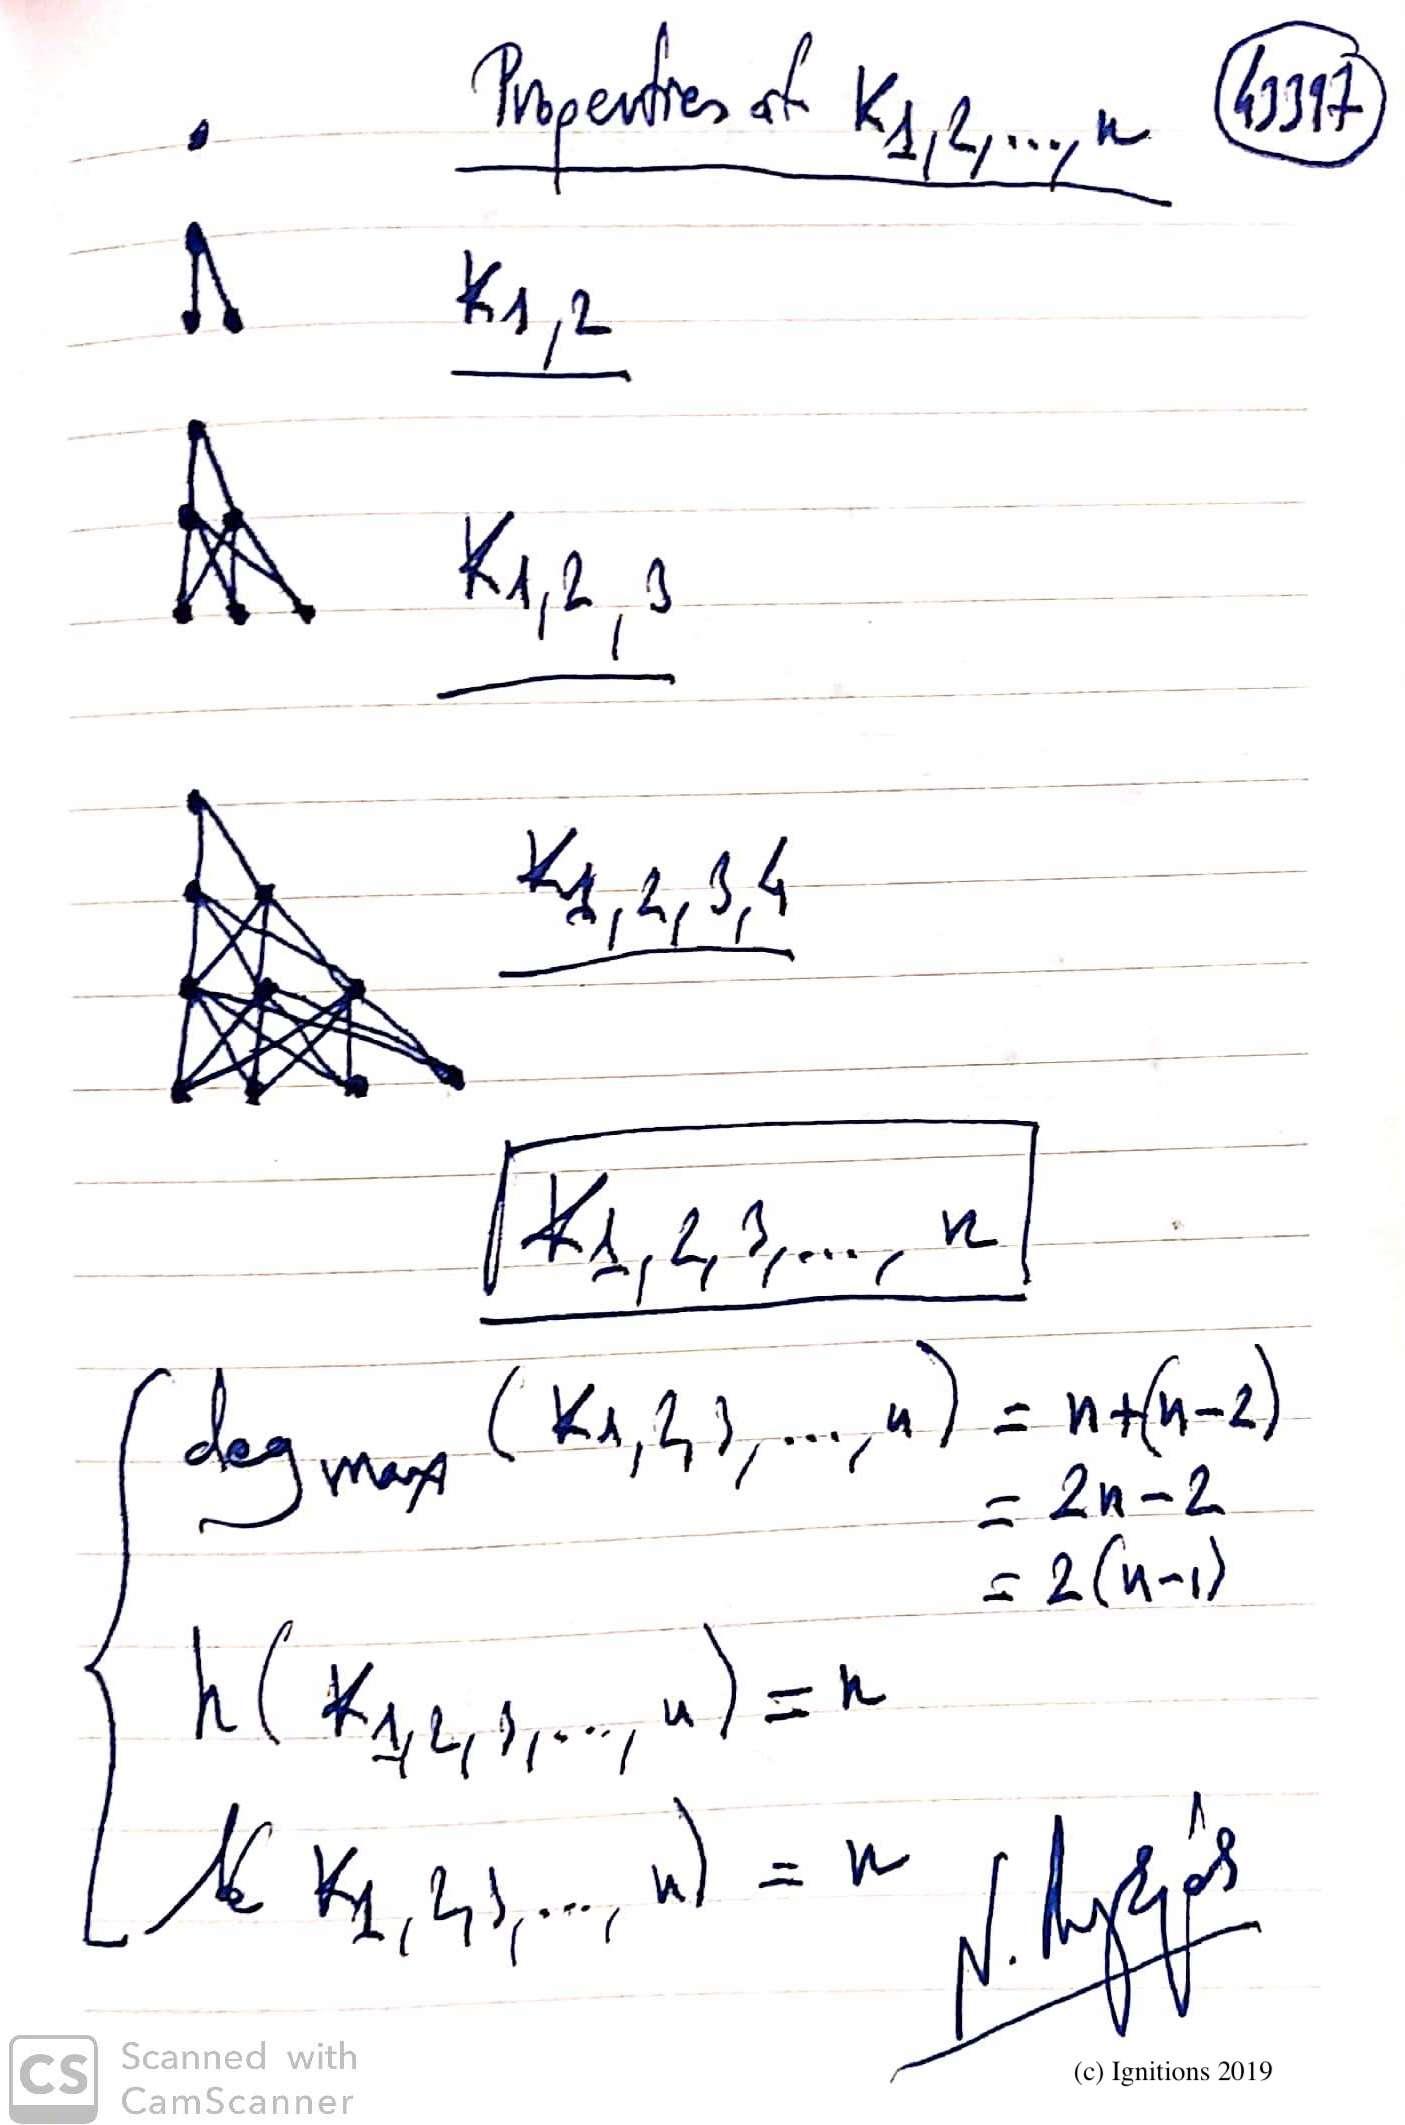 Properties of K1,2,...,n. (Dessin)